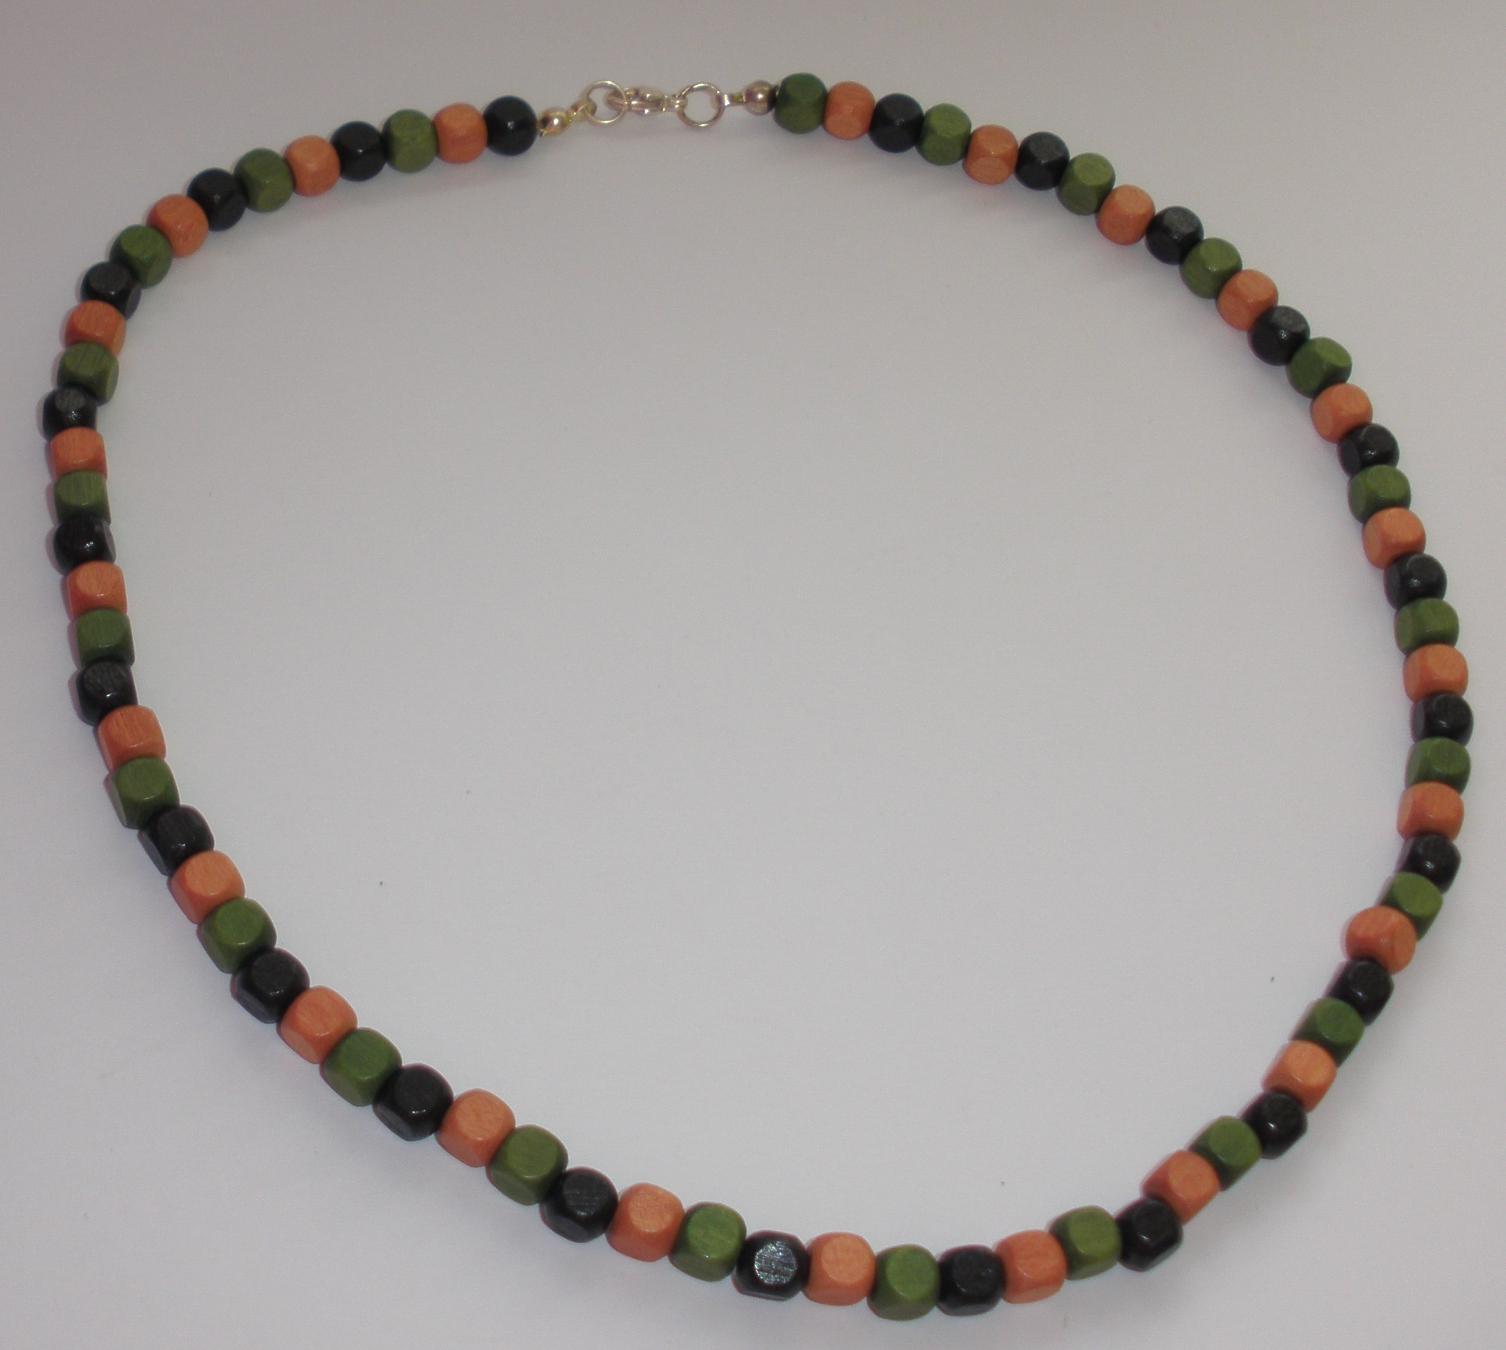 Pánský náhrdelník z dřevěných korálků hnědo-zeleno-černý (P15 ... a511fcb9a73